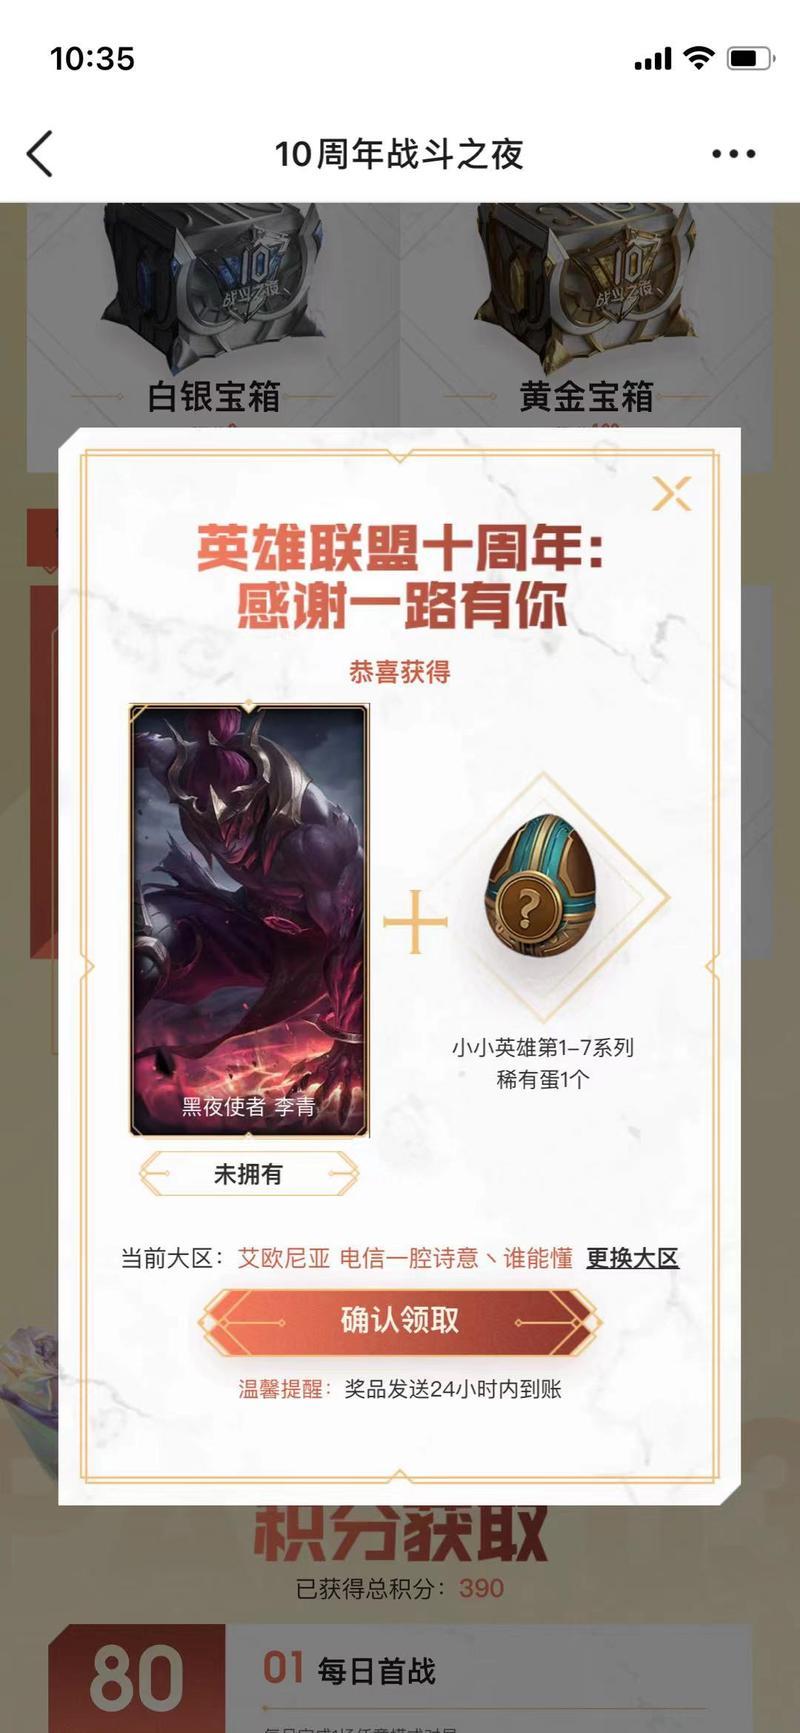 Edeon小枫于2021-09-13 12:18发布的图片